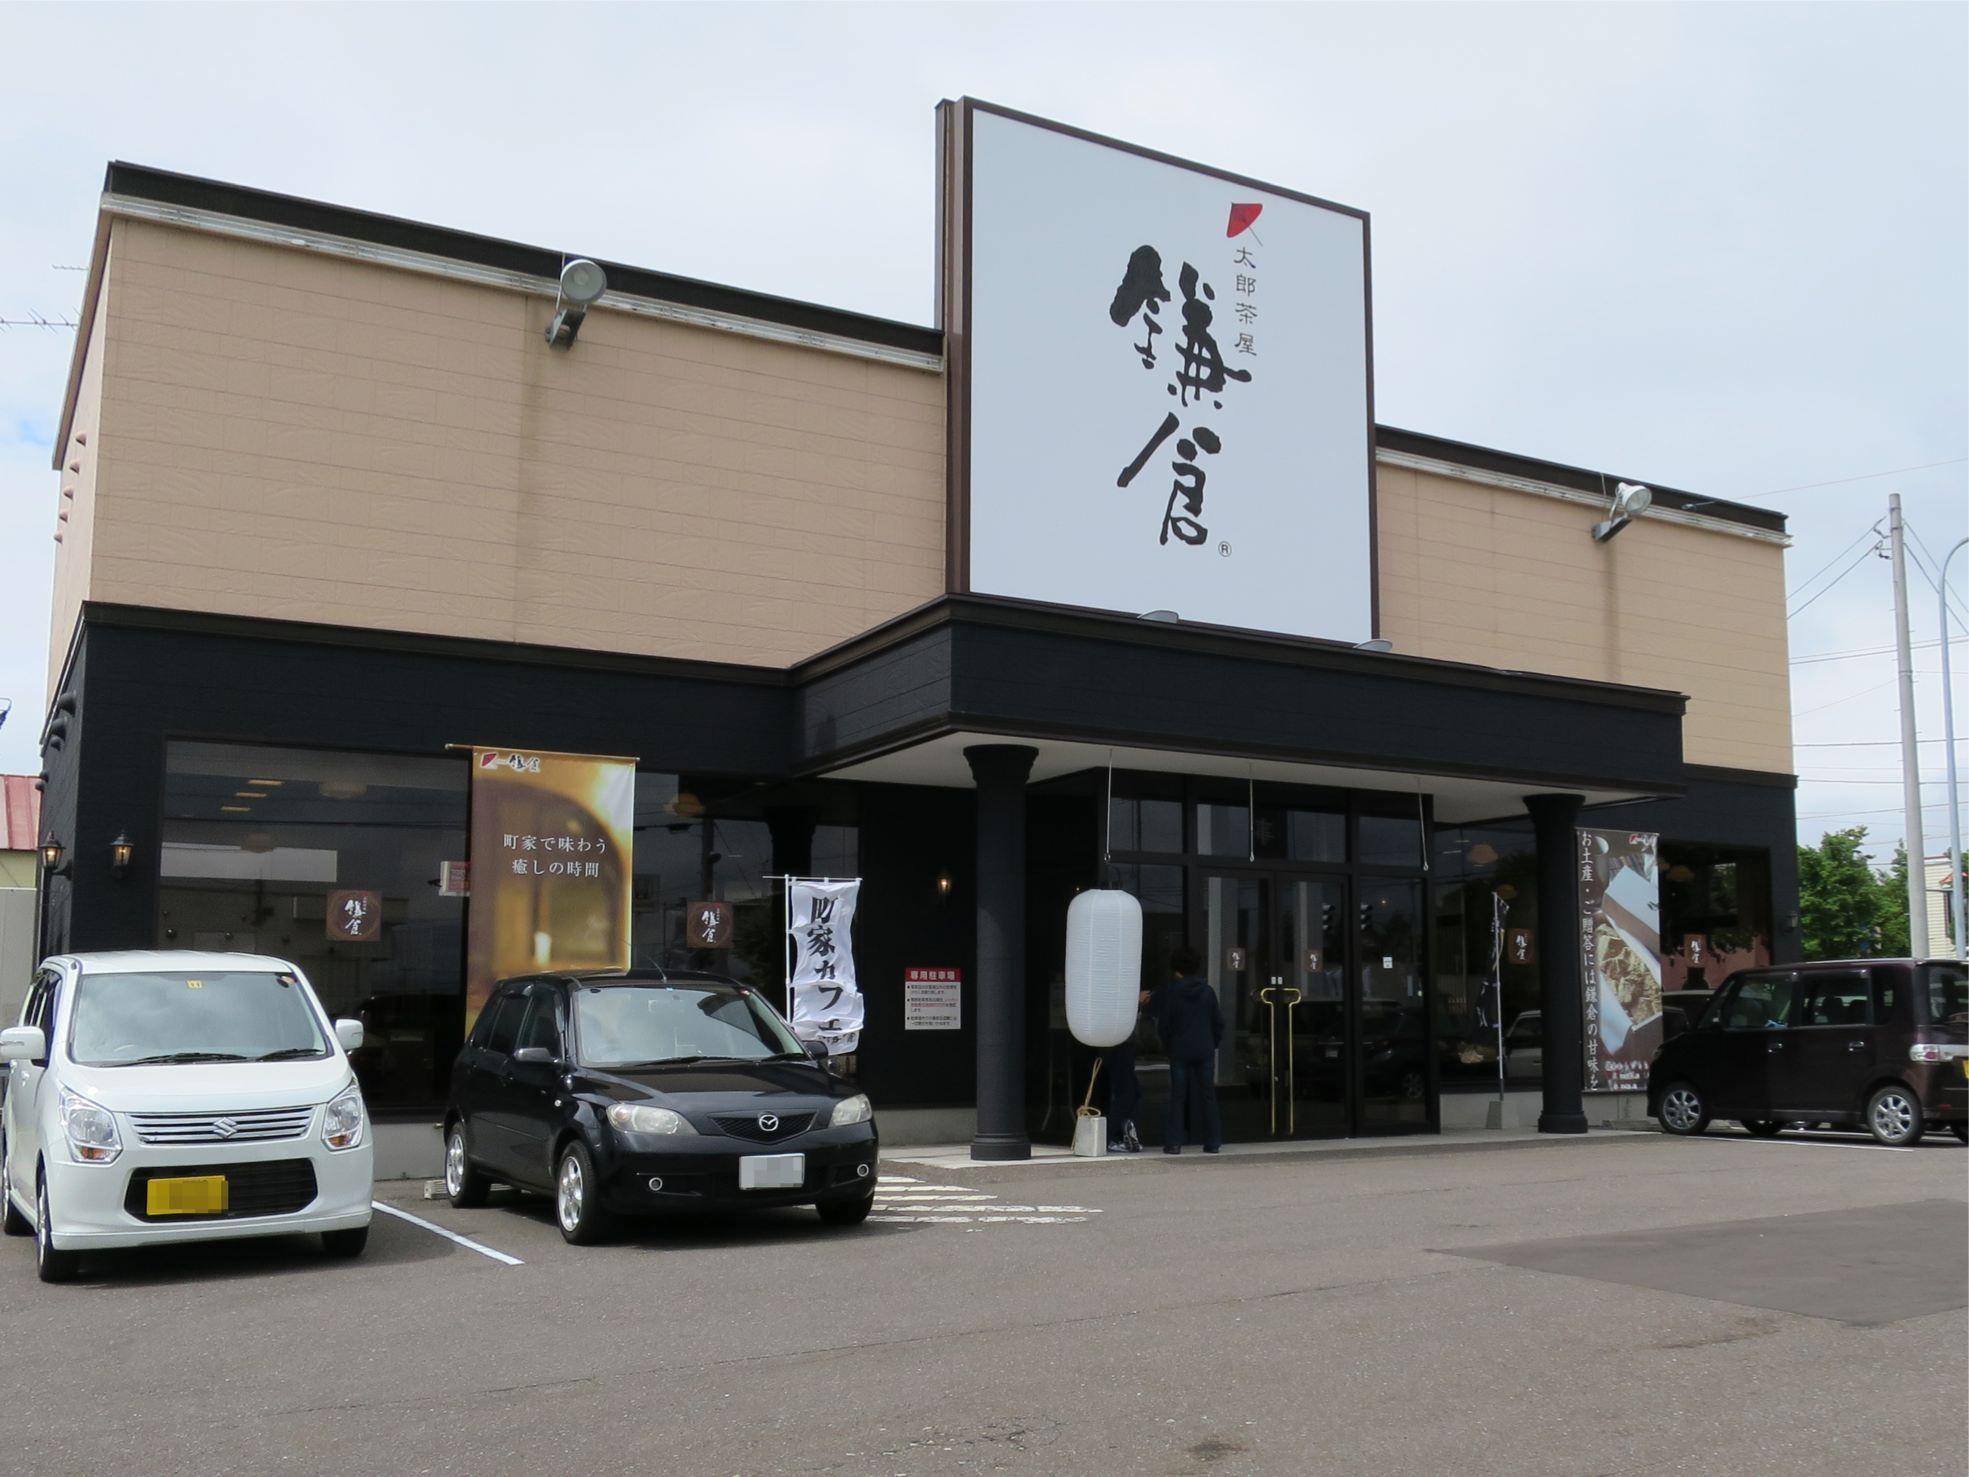 太郎茶屋鎌倉 百合が原店